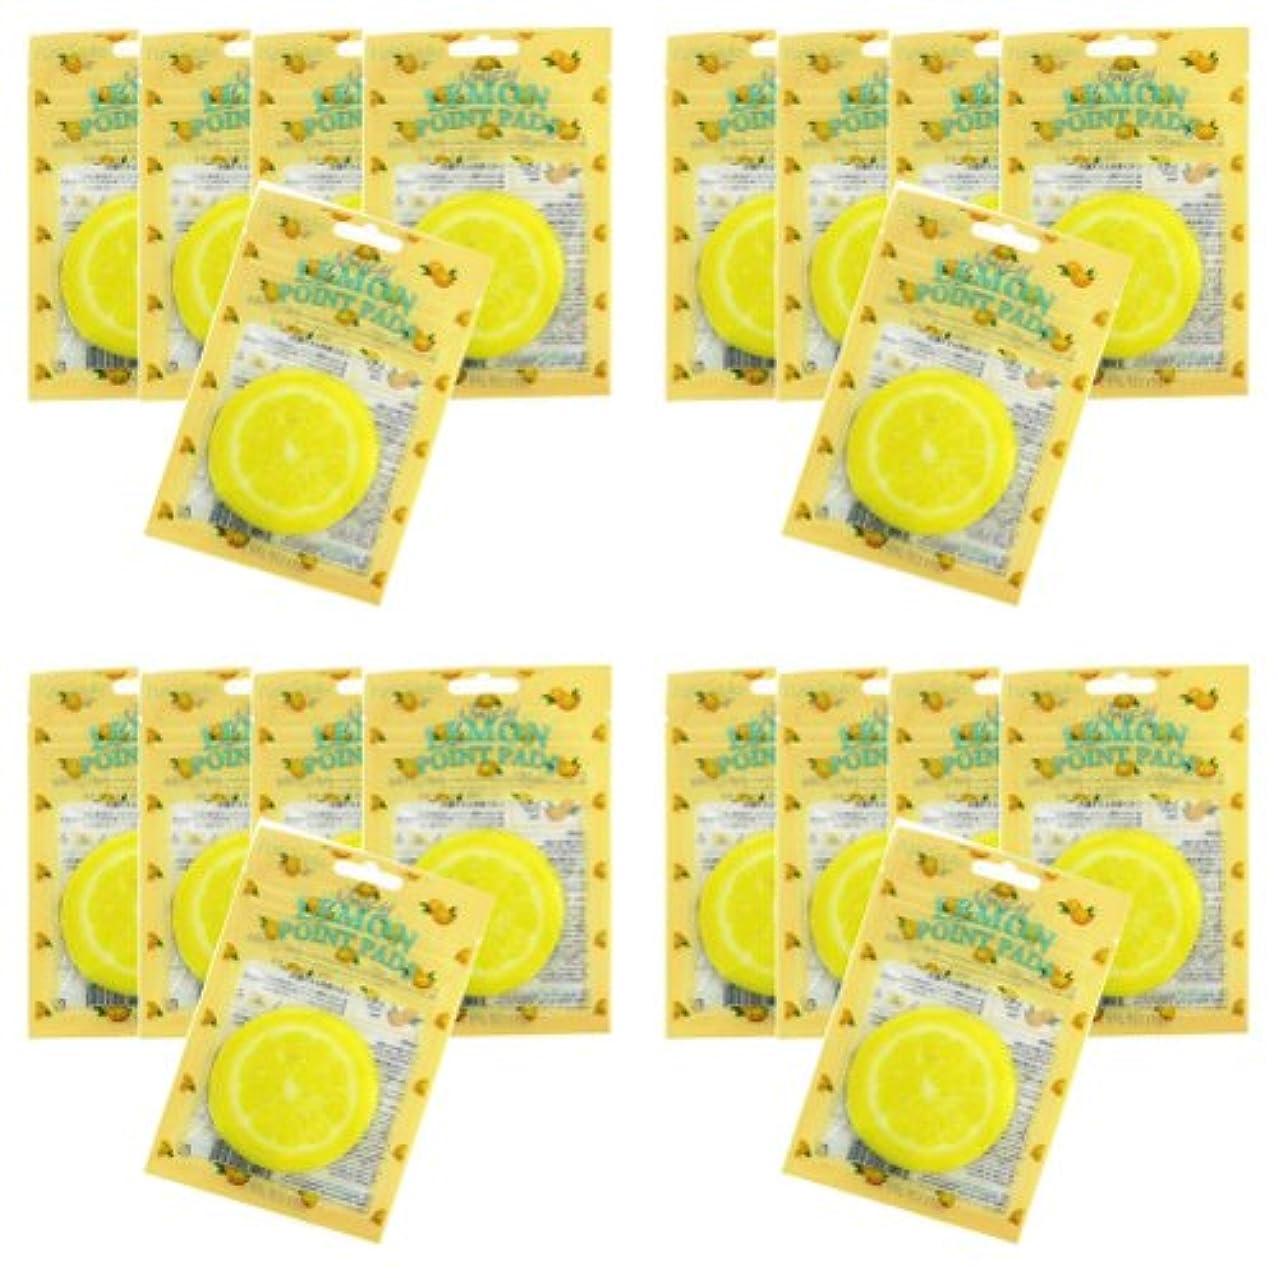 薄い人質道徳教育ピュアスマイル ジューシーポイントパッド レモン20パックセット(1パック10枚入 合計200枚)